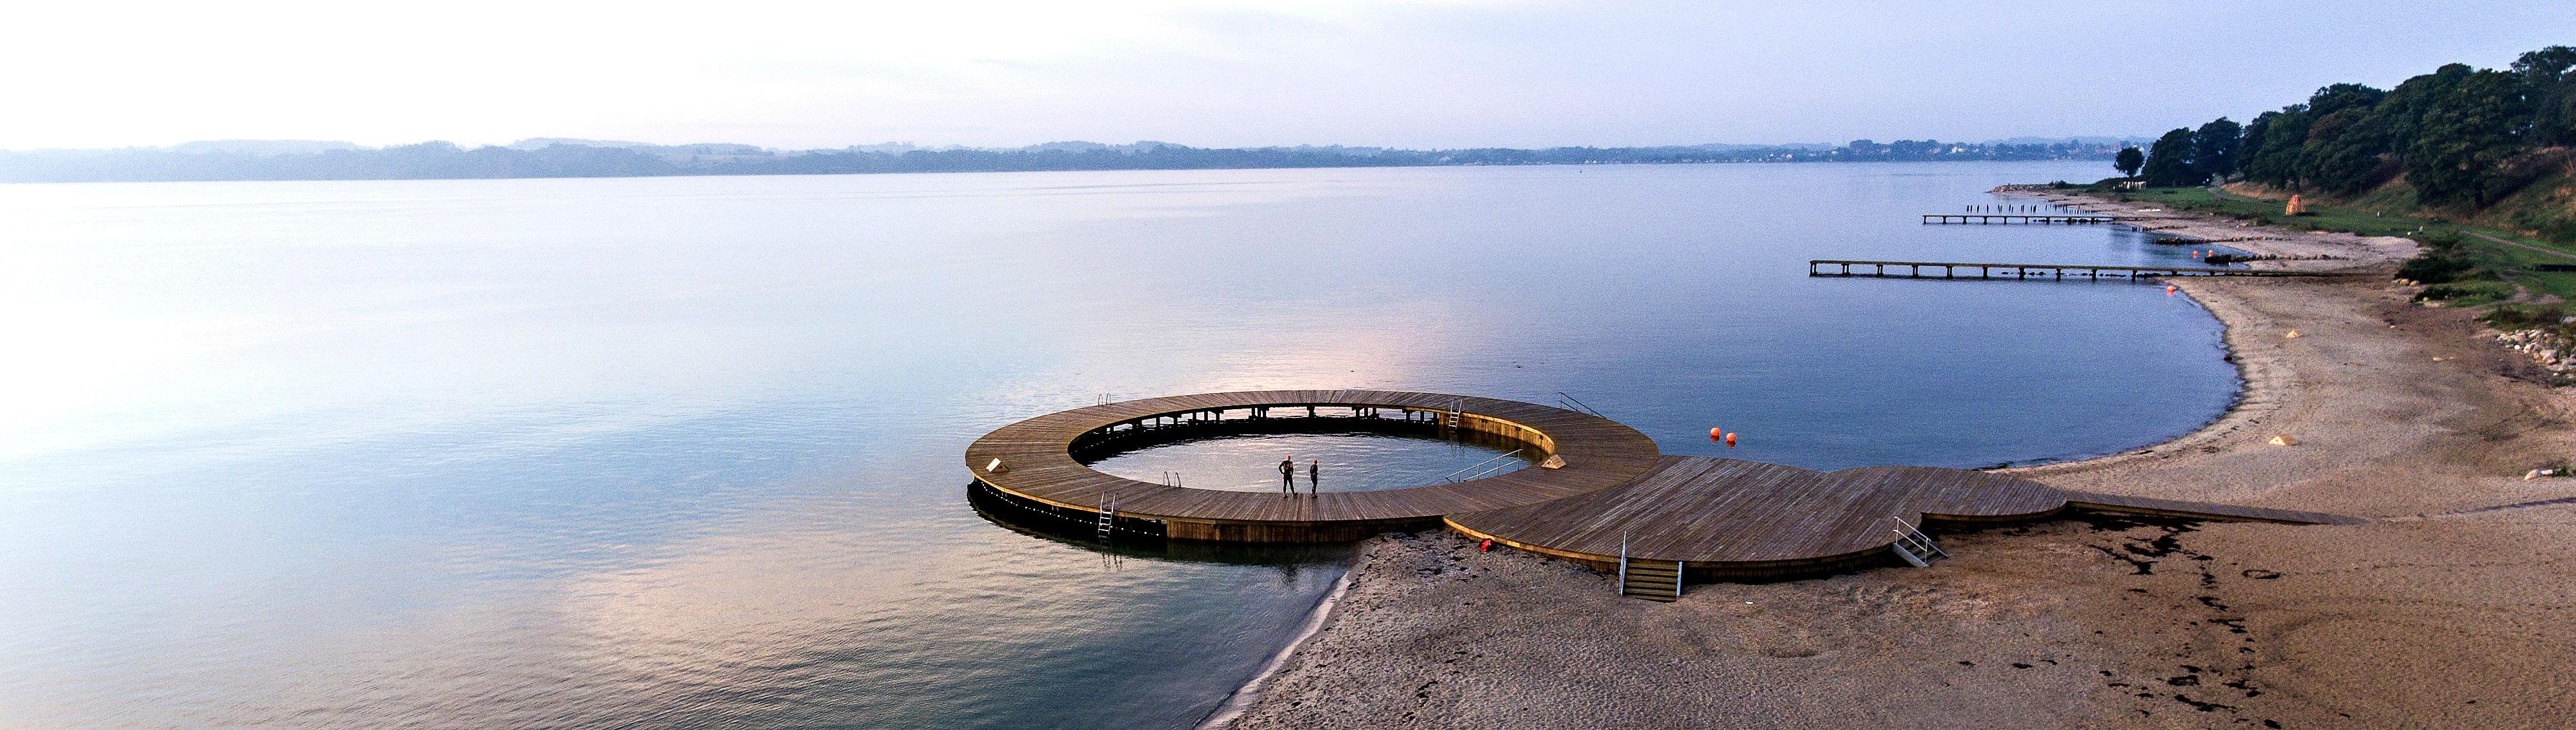 Et billede af kyststrækningen, som viser at den nye cirkelbro blot er én blandt fire nye badebroer langs med stranden.